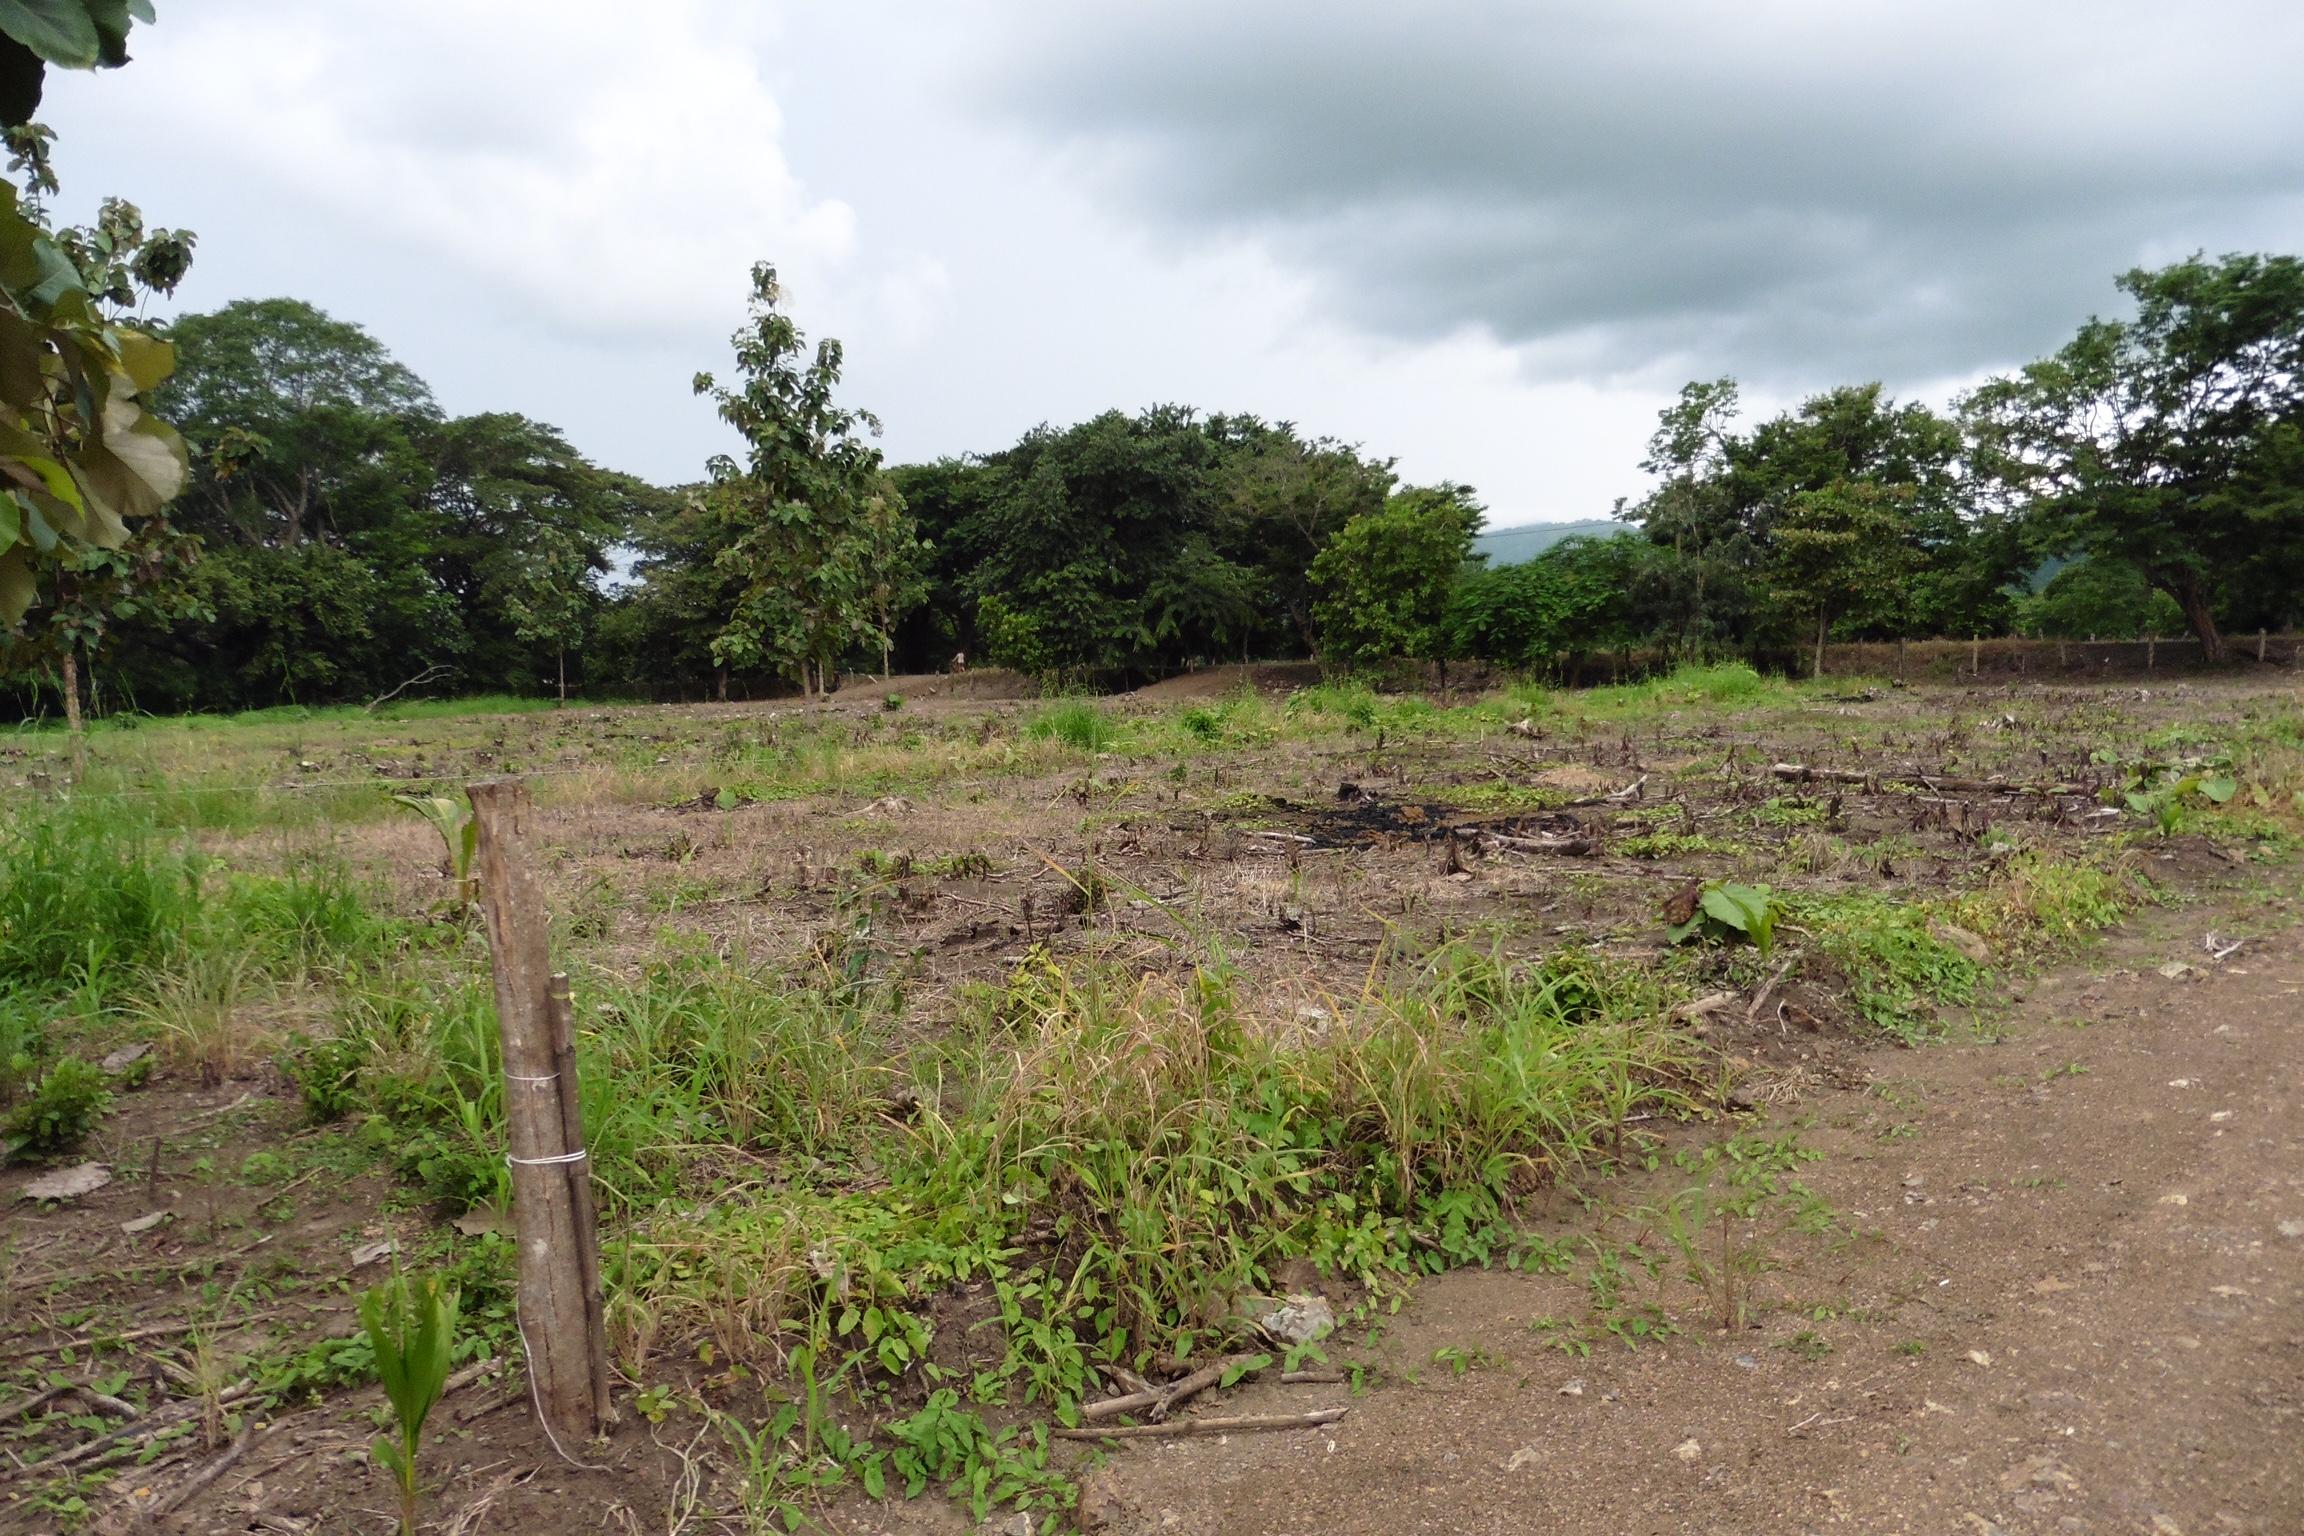 Lote #13 en Eco comunidad ALA BLANCA (Guachipelín)